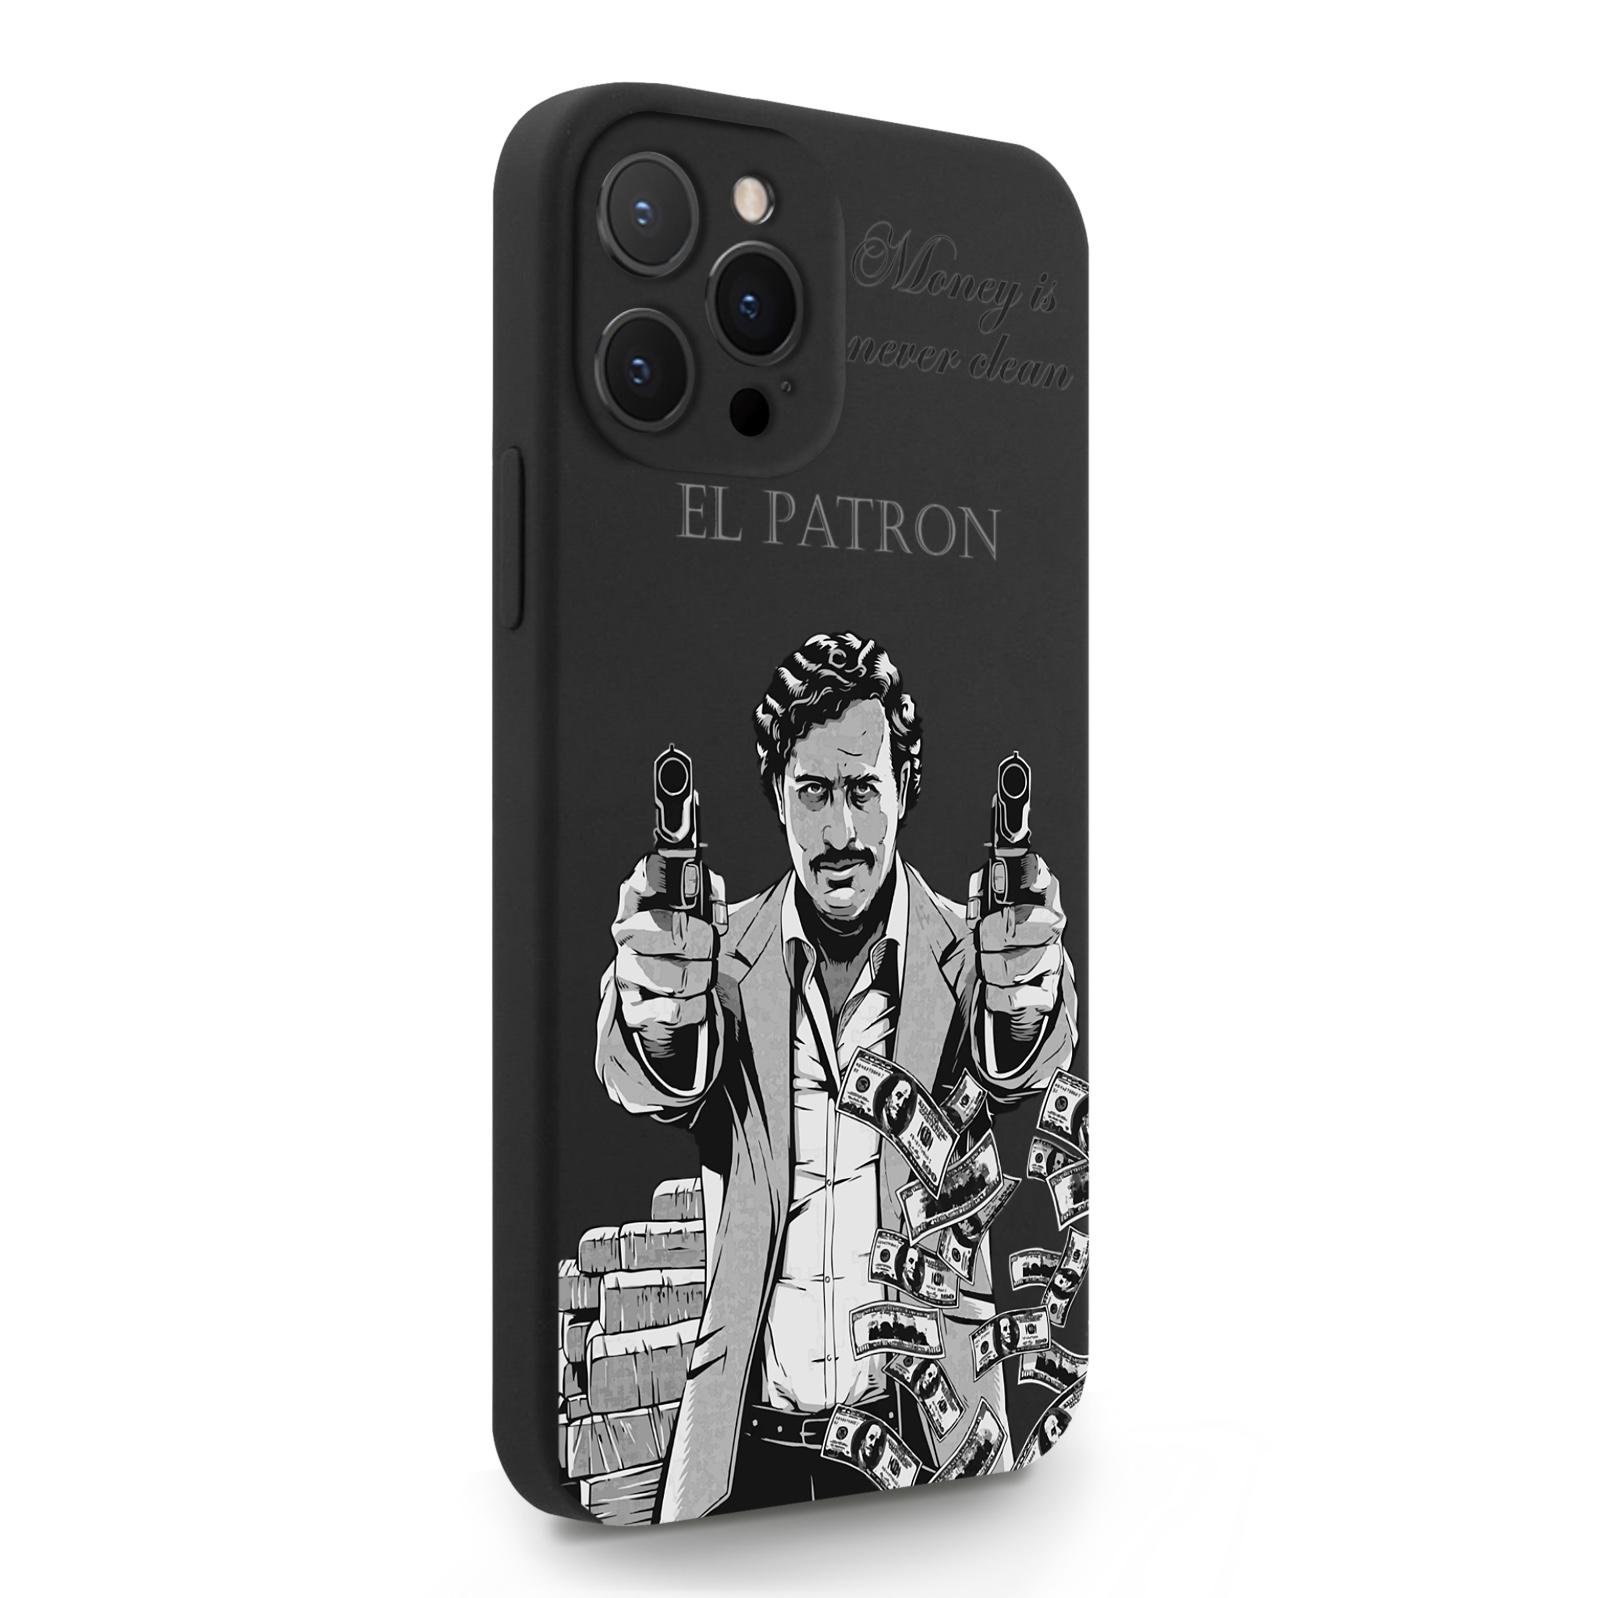 Черный силиконовый чехол для iPhone 12 Pro Max El Patron Pablo Escobar/ Пабло Эскобар для Айфон 12 Про Макс